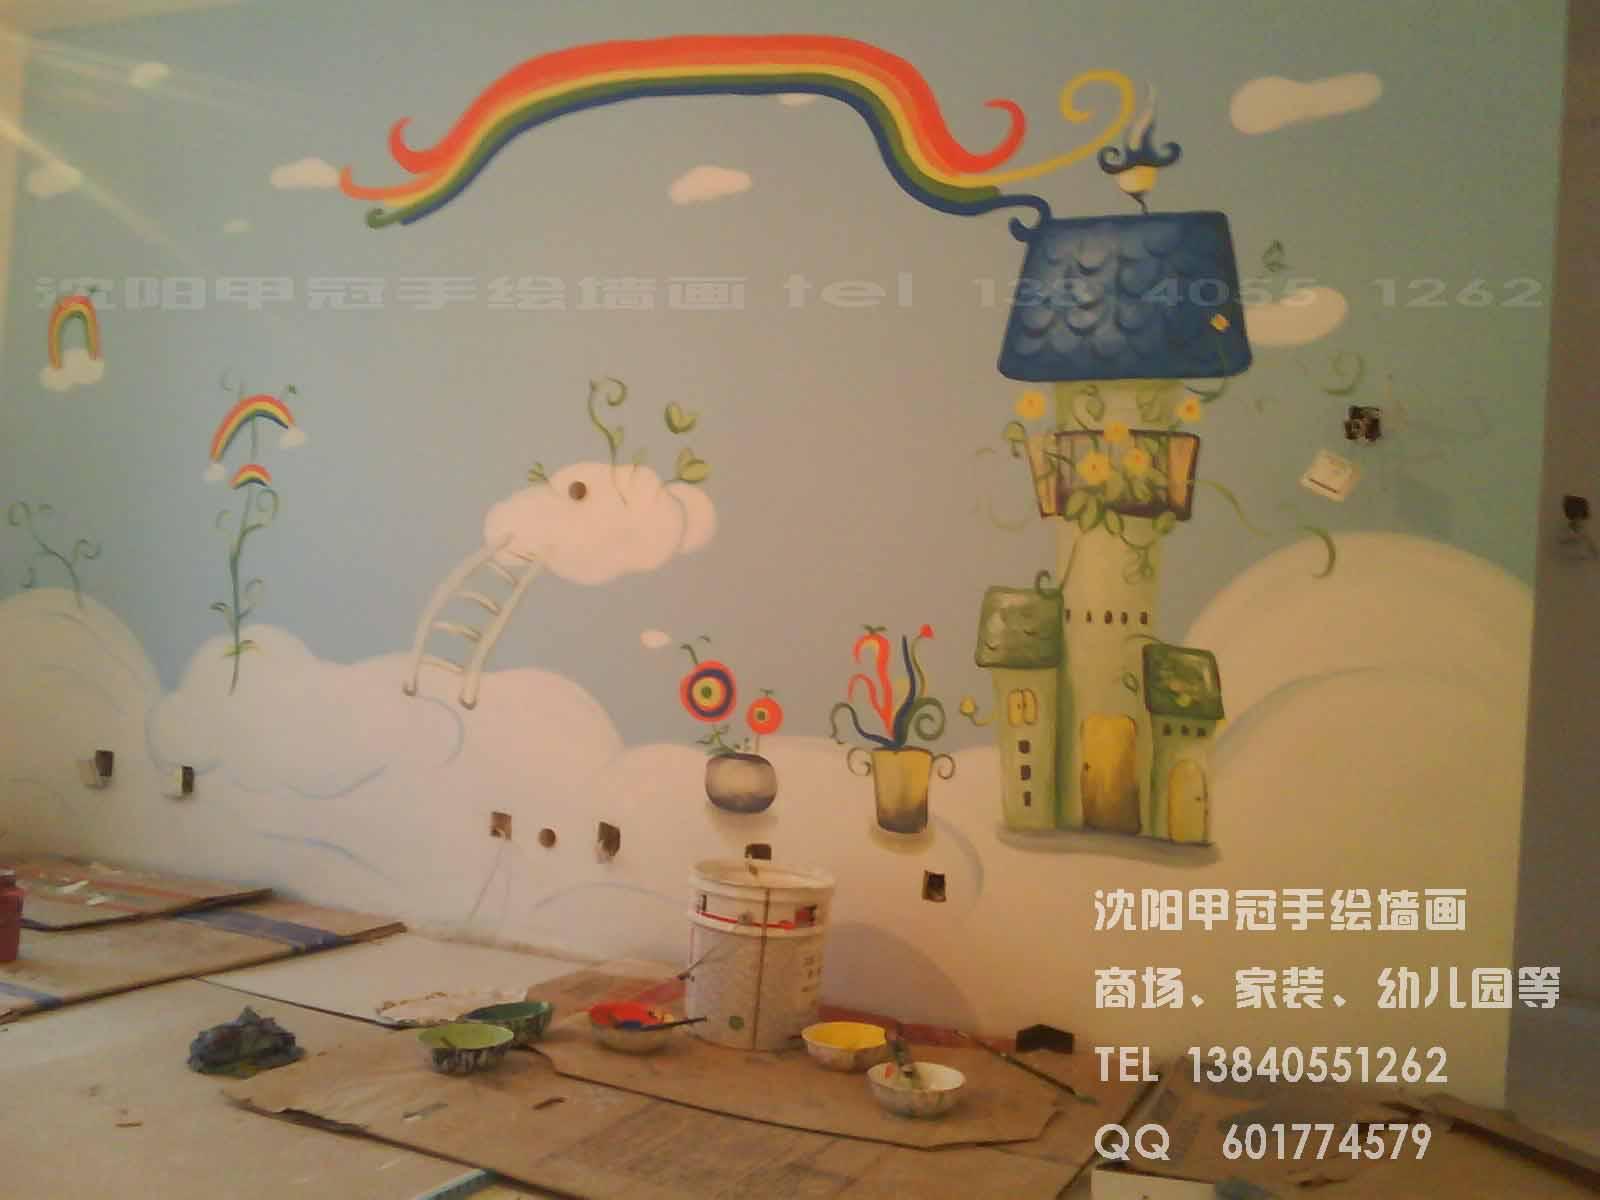 沈阳墙体彩绘/家庭个性墙画/电视背景墙手绘墙画